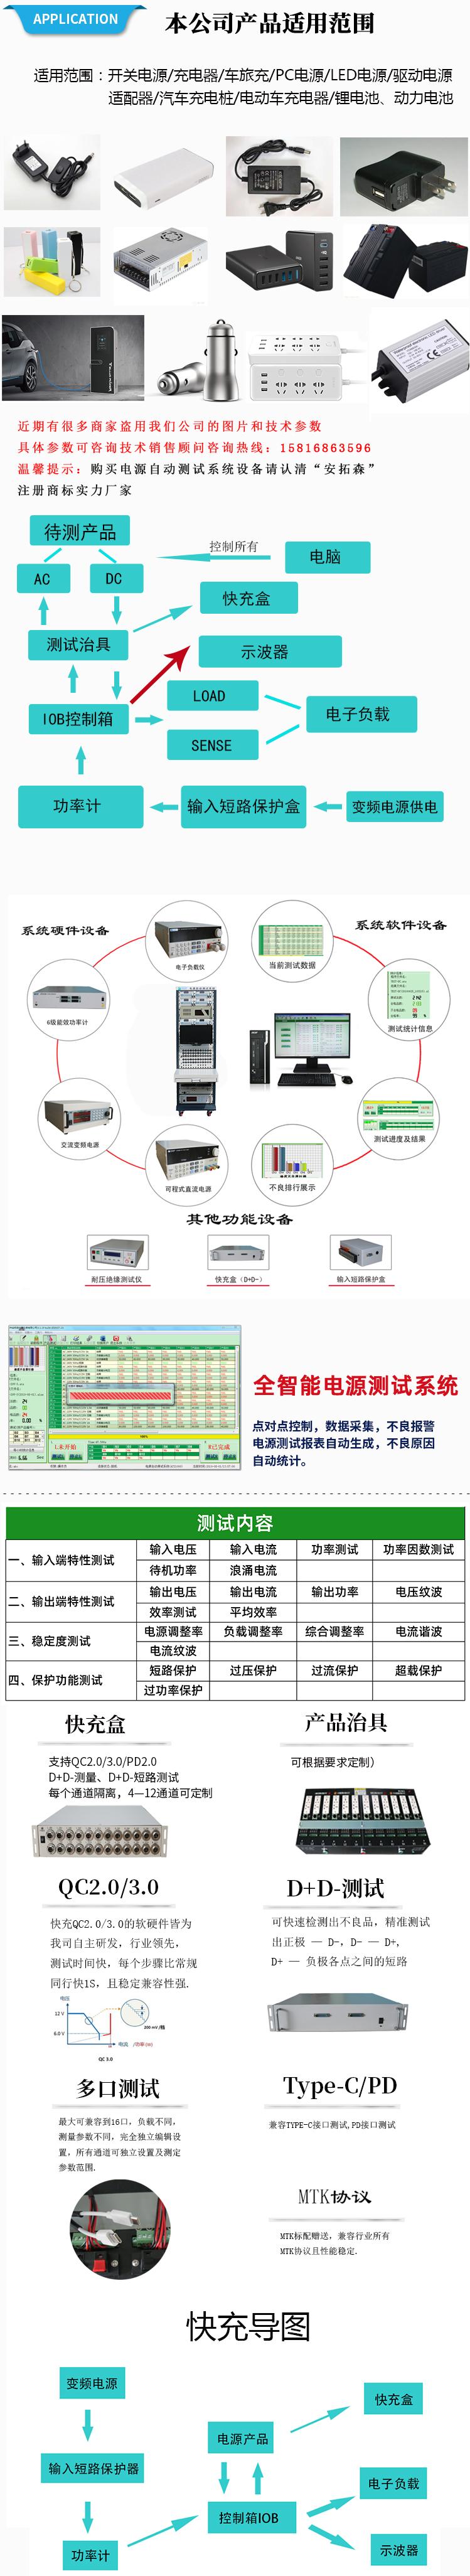 高压测试系统细节展示